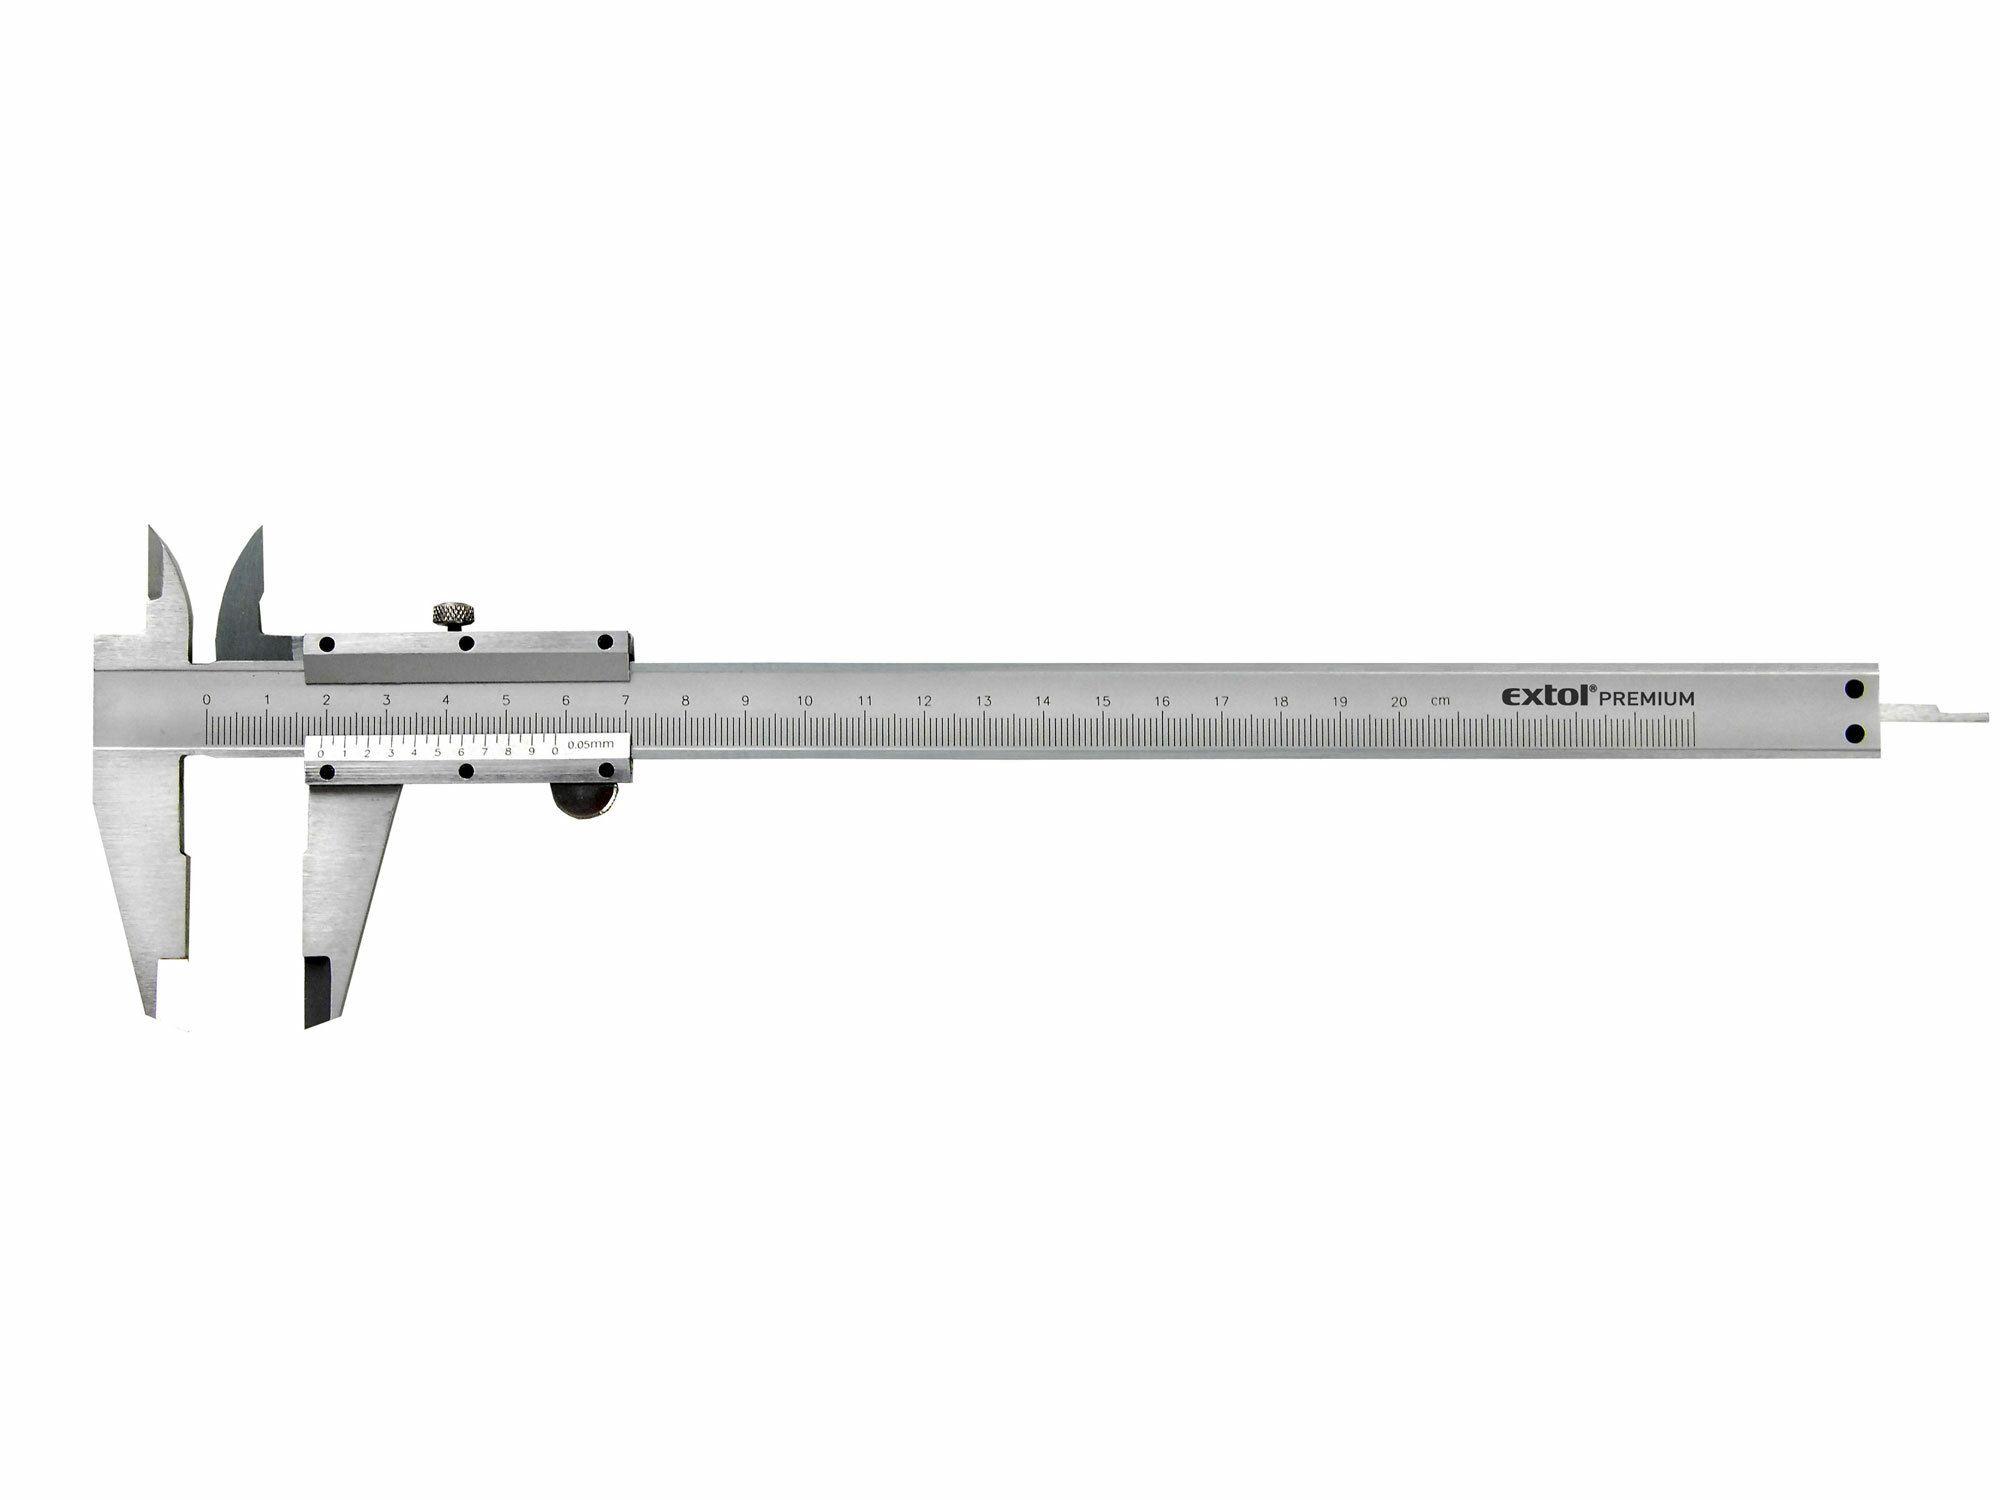 Měřítko posuvné kovové, dva typy čelistí pro různé typy měření, hloubkoměr EXTOL-CRAFT